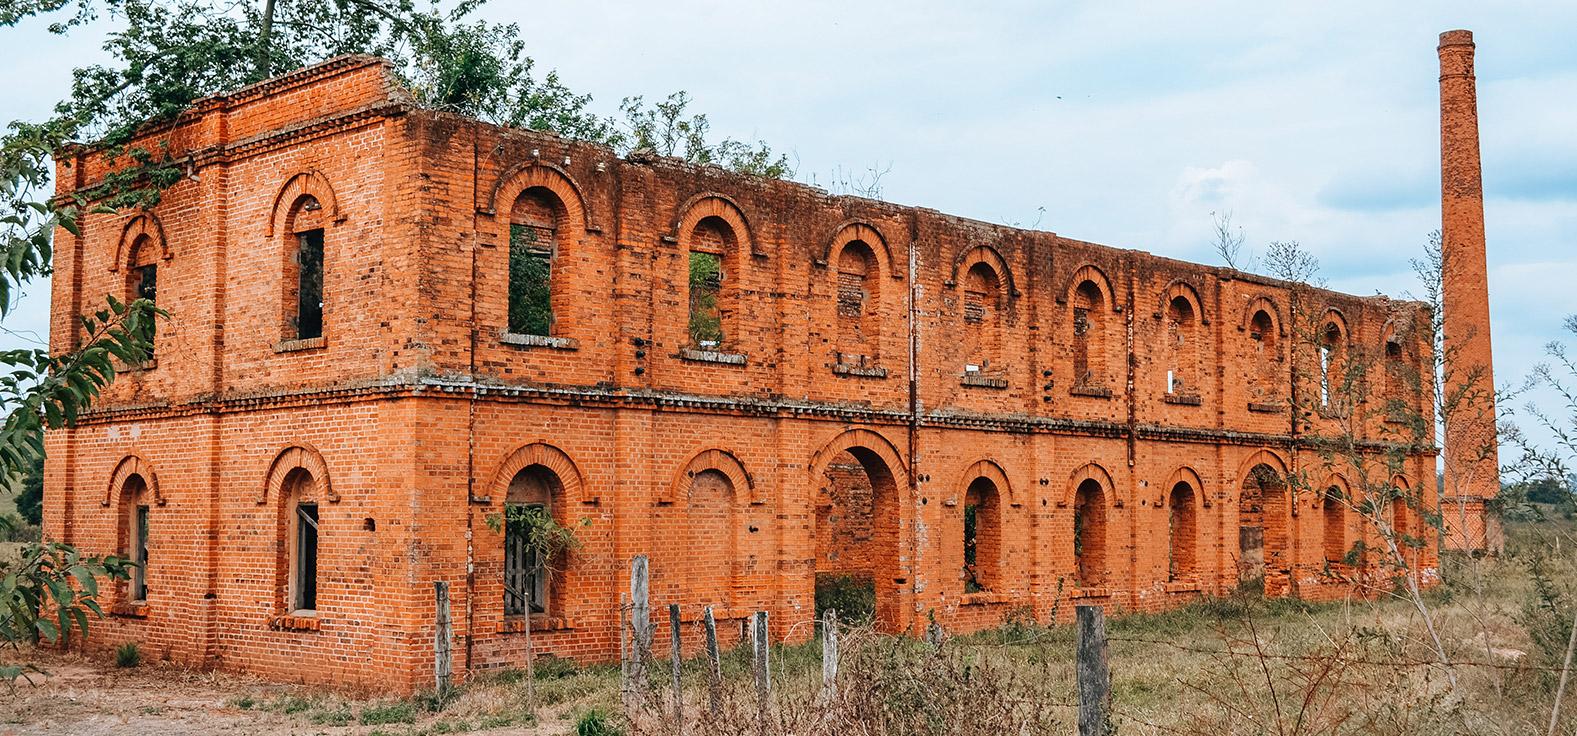 Ruínas da Olaria em Corumbataí | Portal Serra do Itaquerí